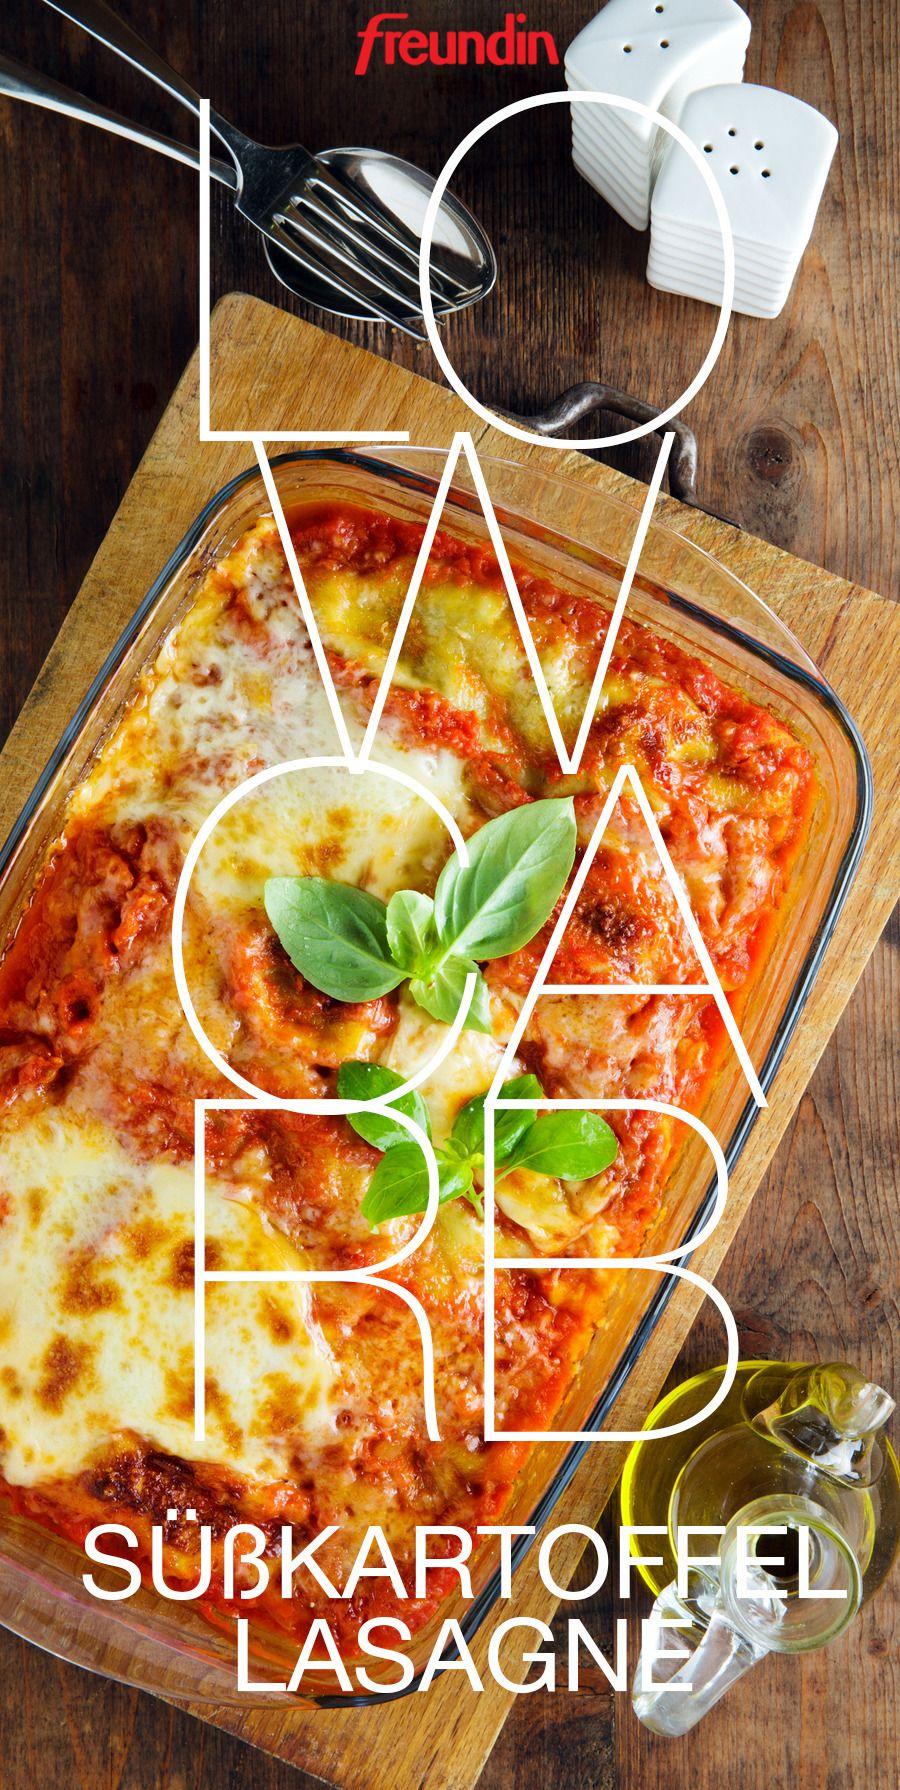 Photo of Low carb recipe: sweet potato lasagna | freundin.de